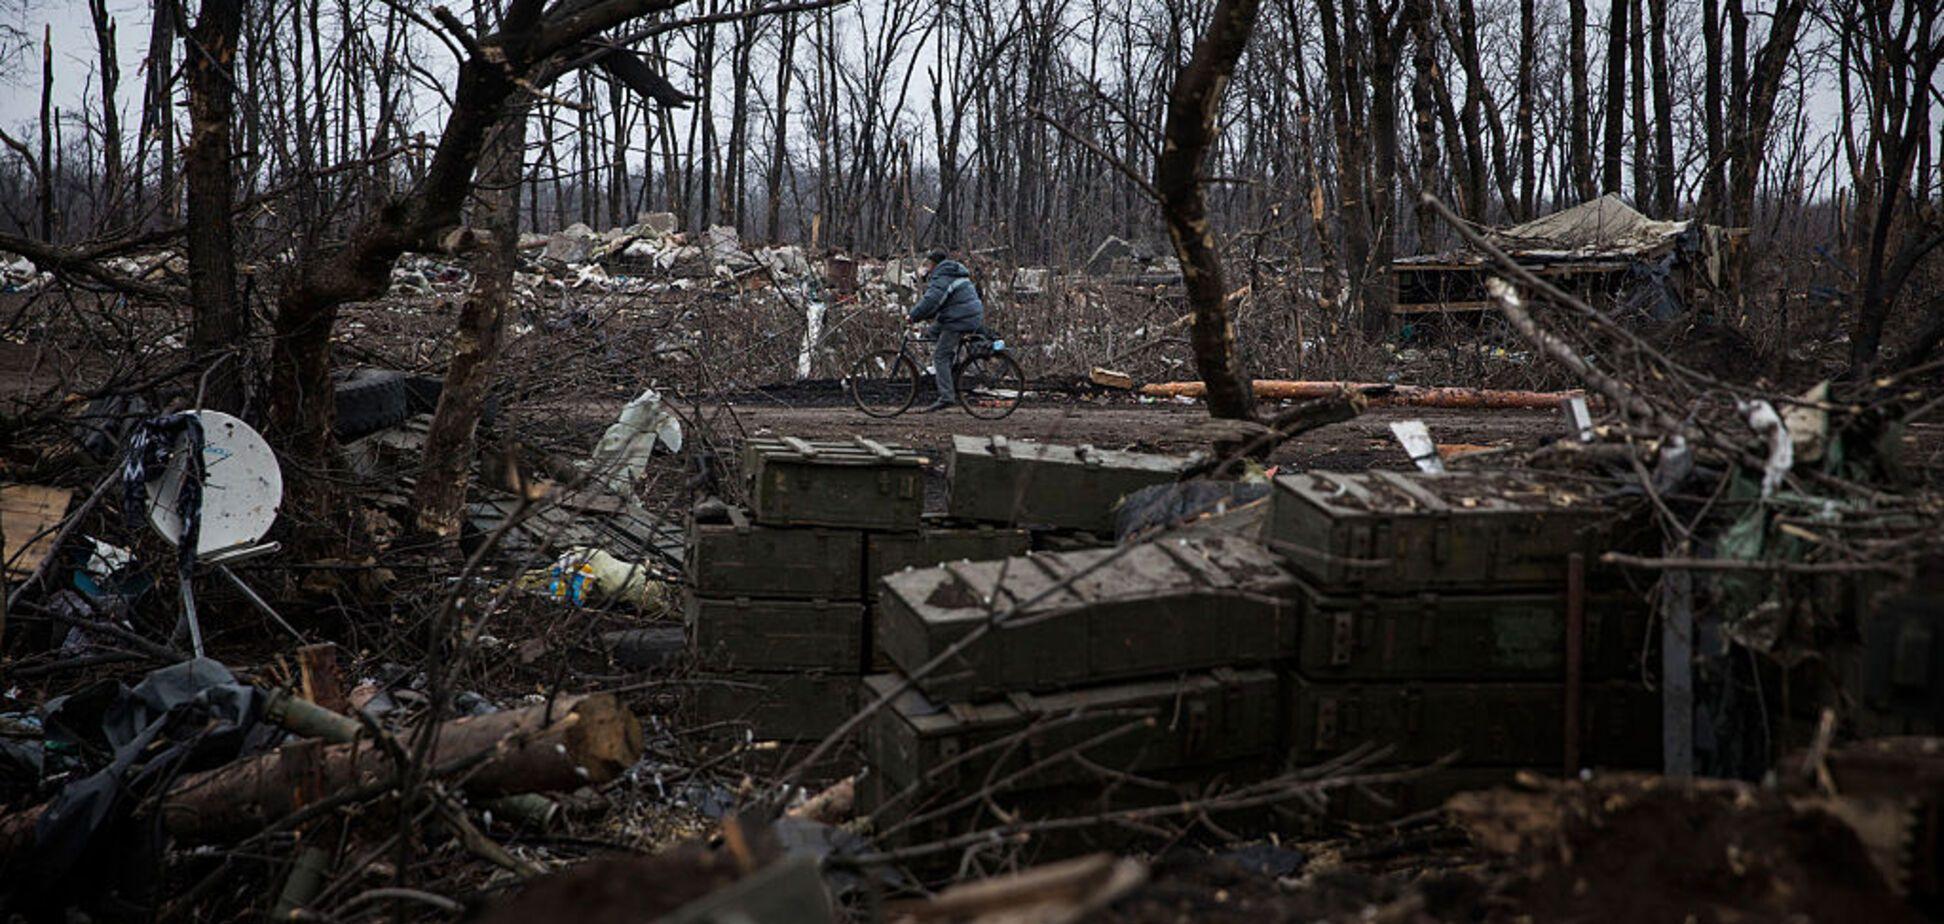 'Ситуация под контролем': стало известно о ночной провокации террористов 'ДНР'